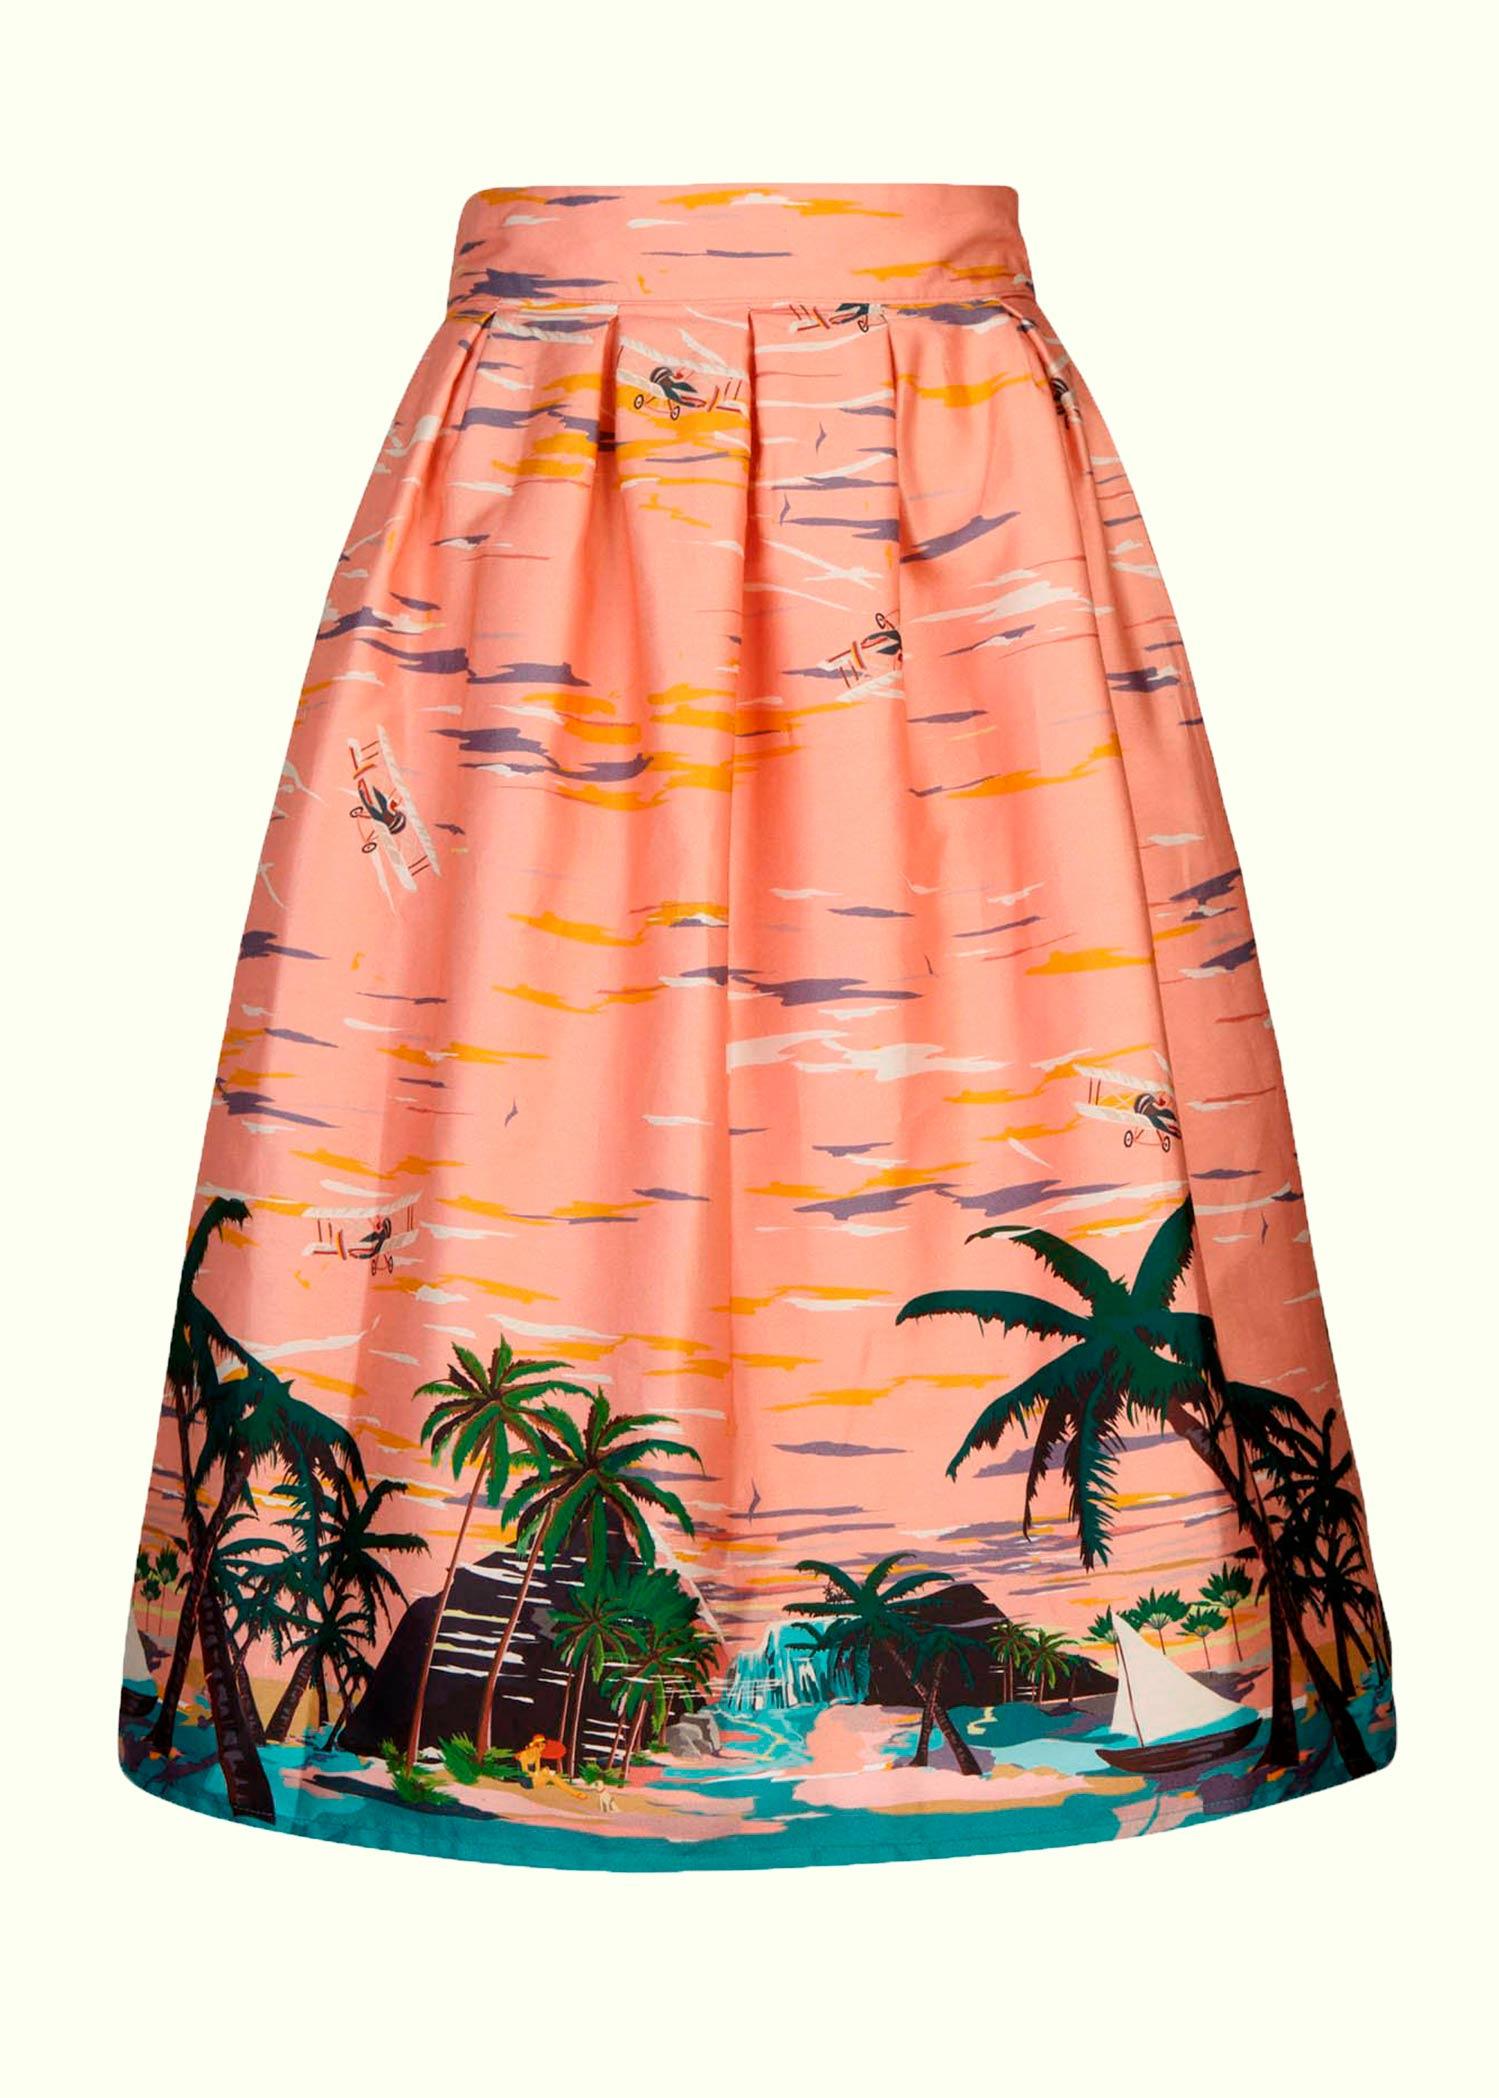 Nederdel fra Palava i fint retro print af palmer, skibe og strand